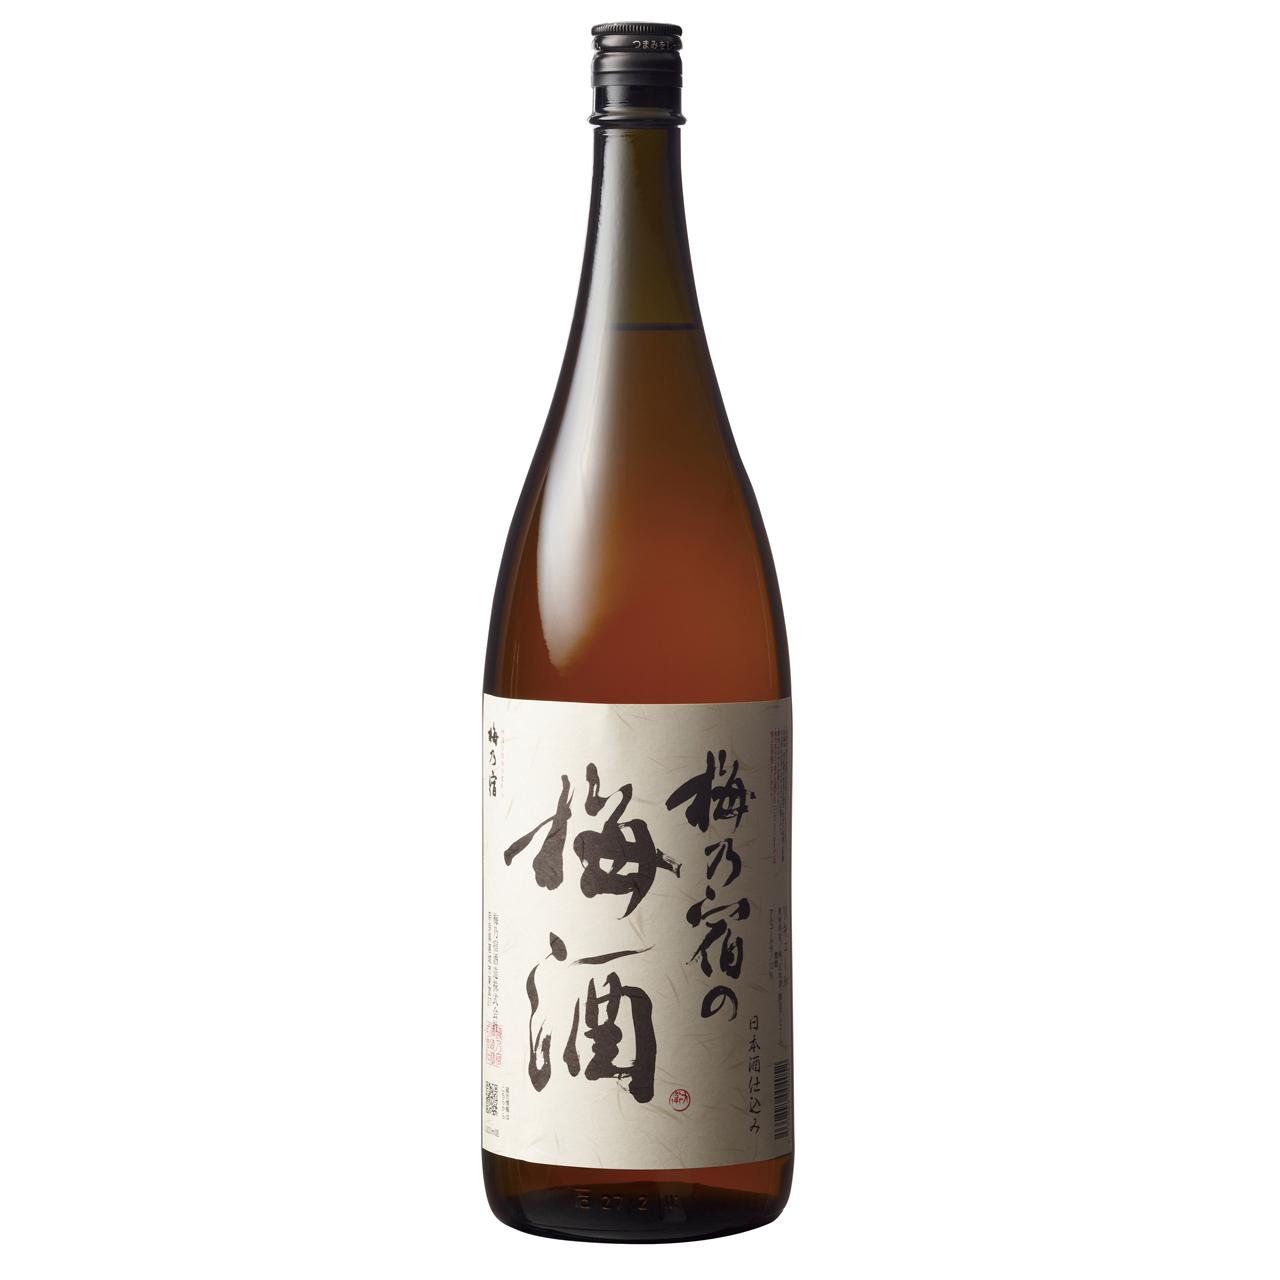 【ラッキーシール対応】お歳暮 ギフト 梅乃宿の梅酒 1.8L  6本 奈良県 梅乃宿酒造 リキュール ケース販売